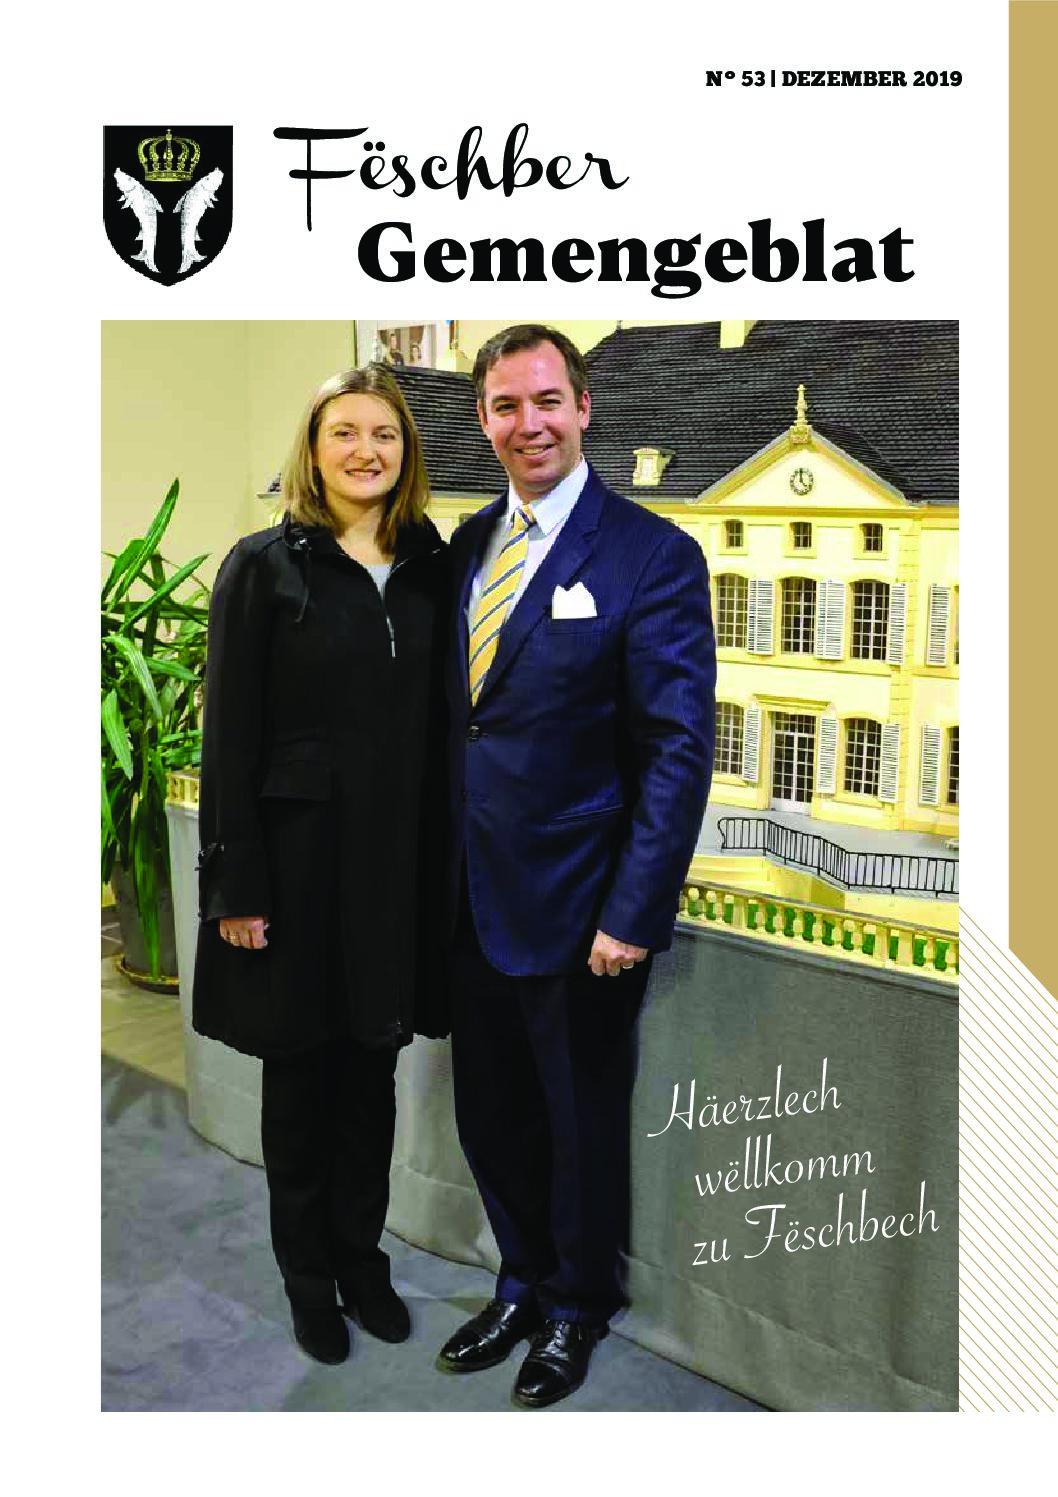 Dezember 2019 Gemengeblat No. 53